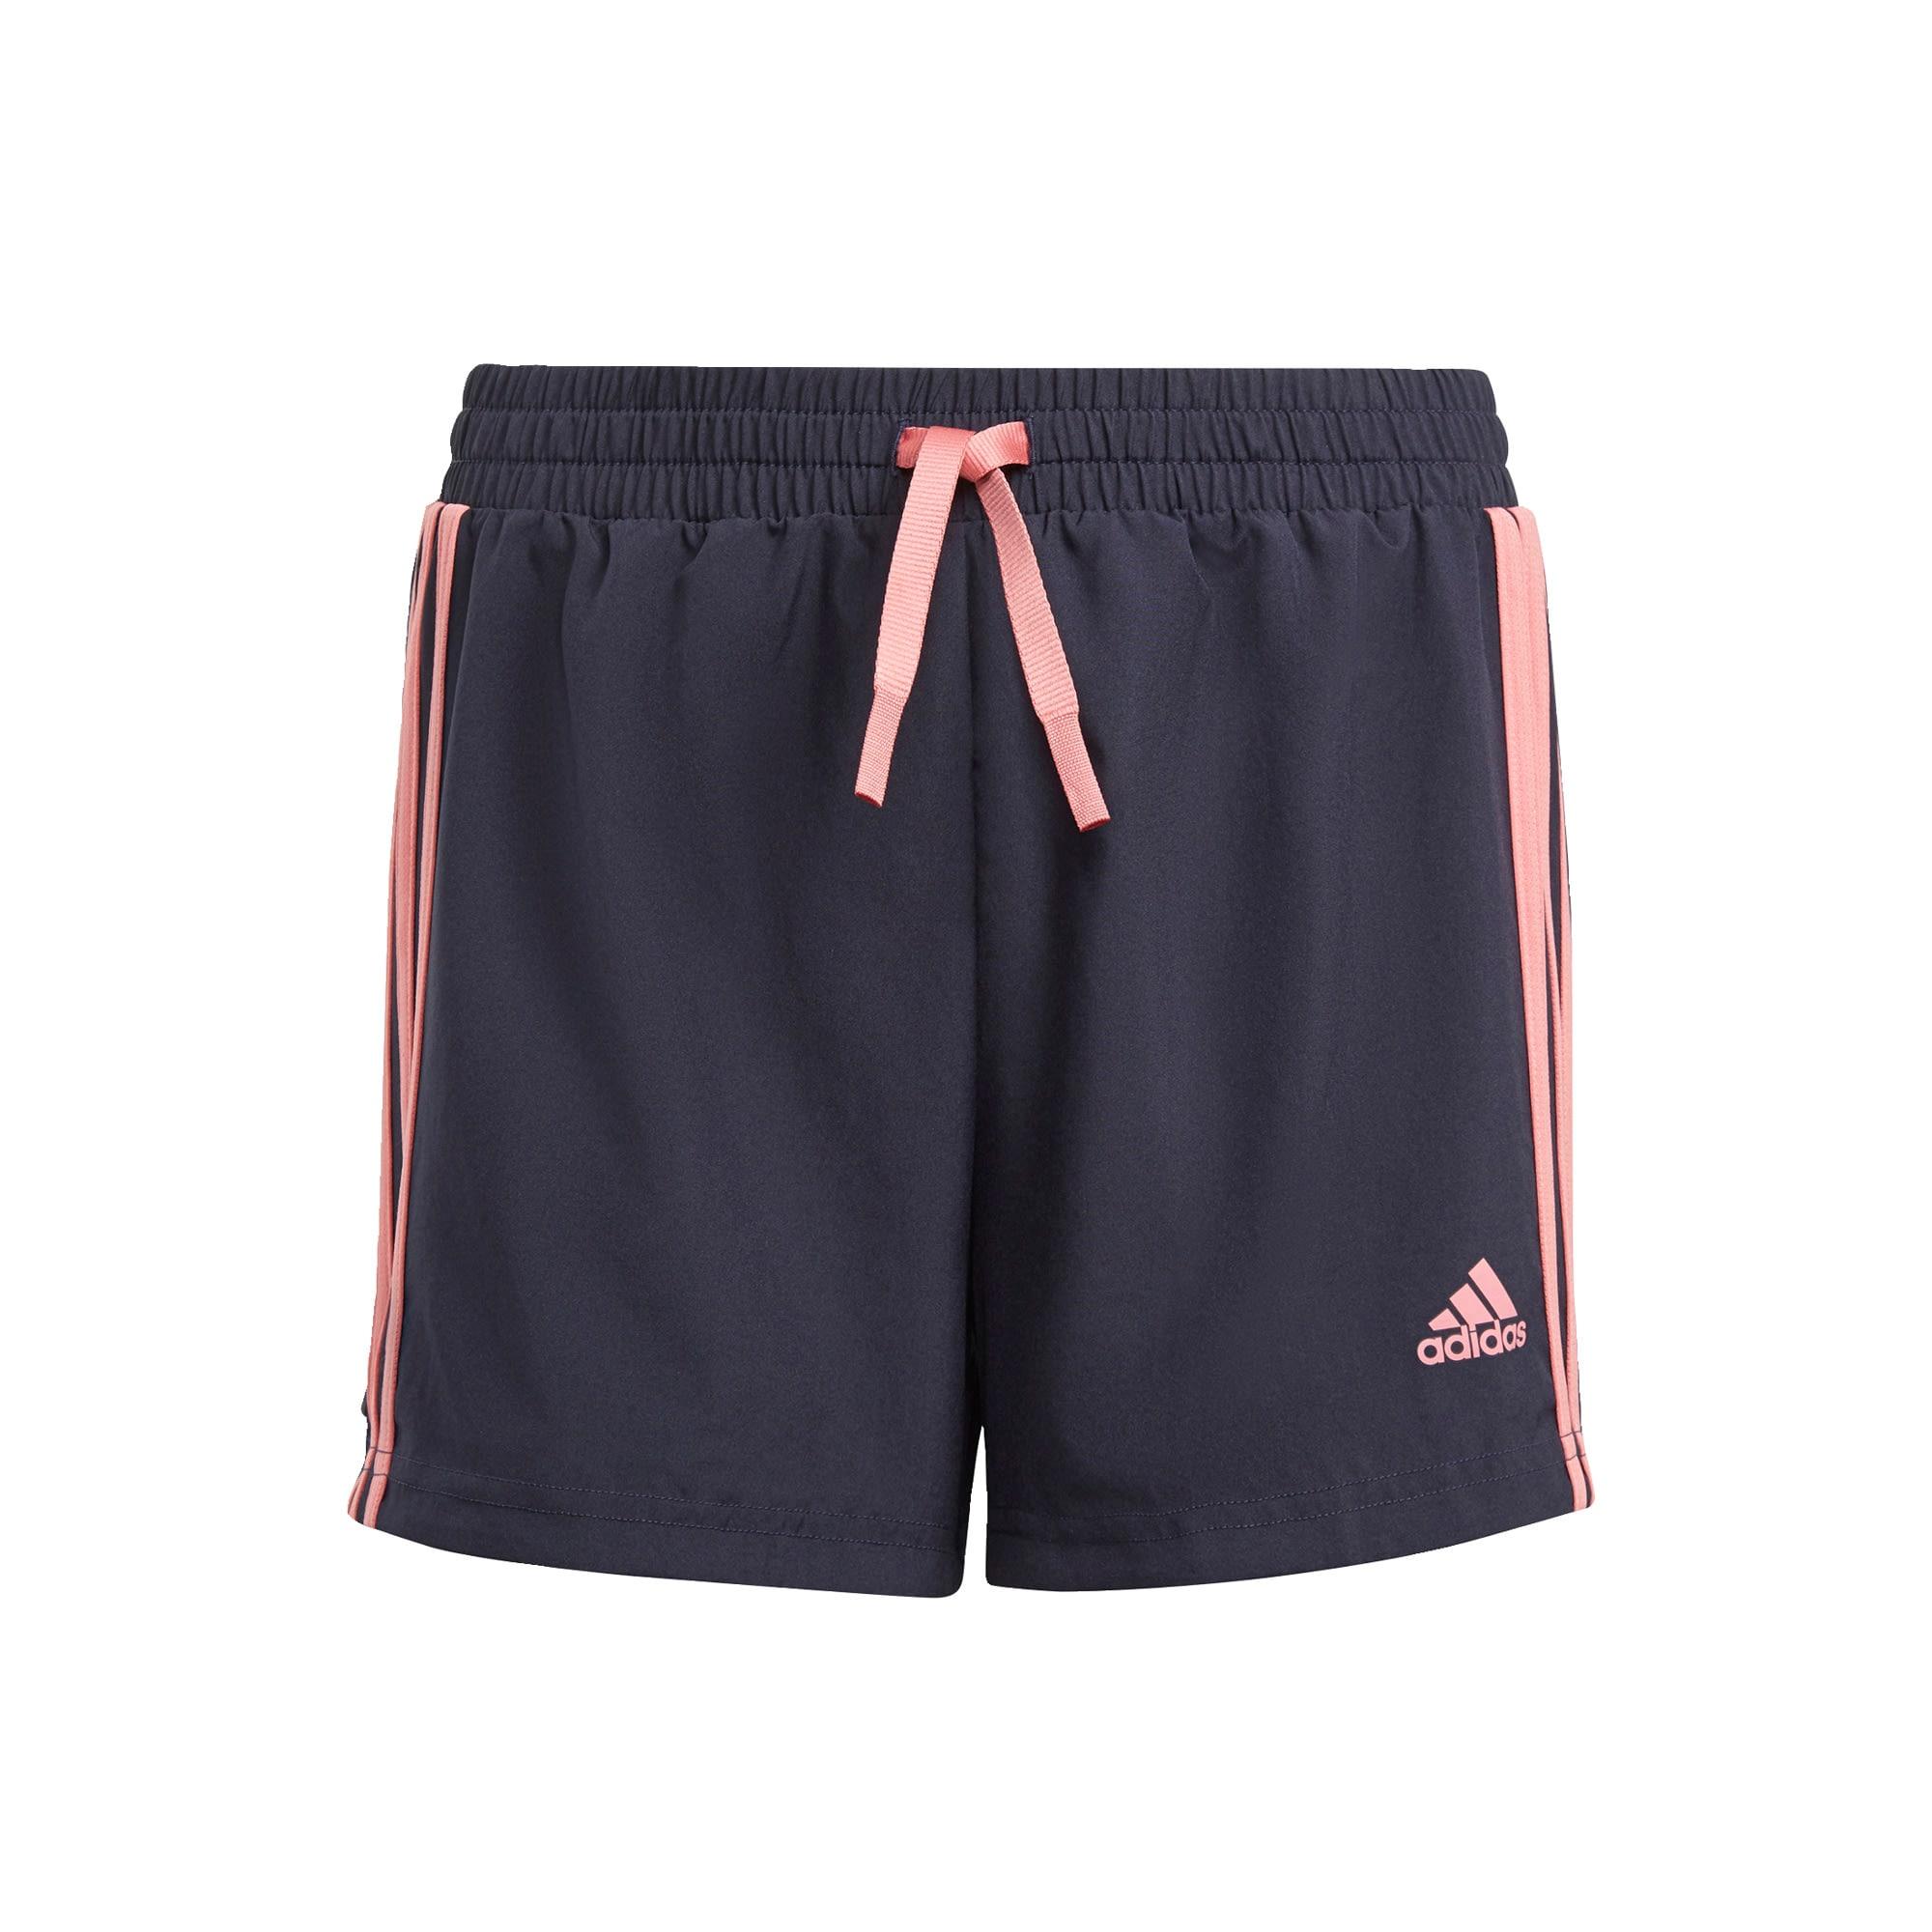 ADIDAS PERFORMANCE Sportinės kelnės tamsiai mėlyna jūros spalva / rožių spalva